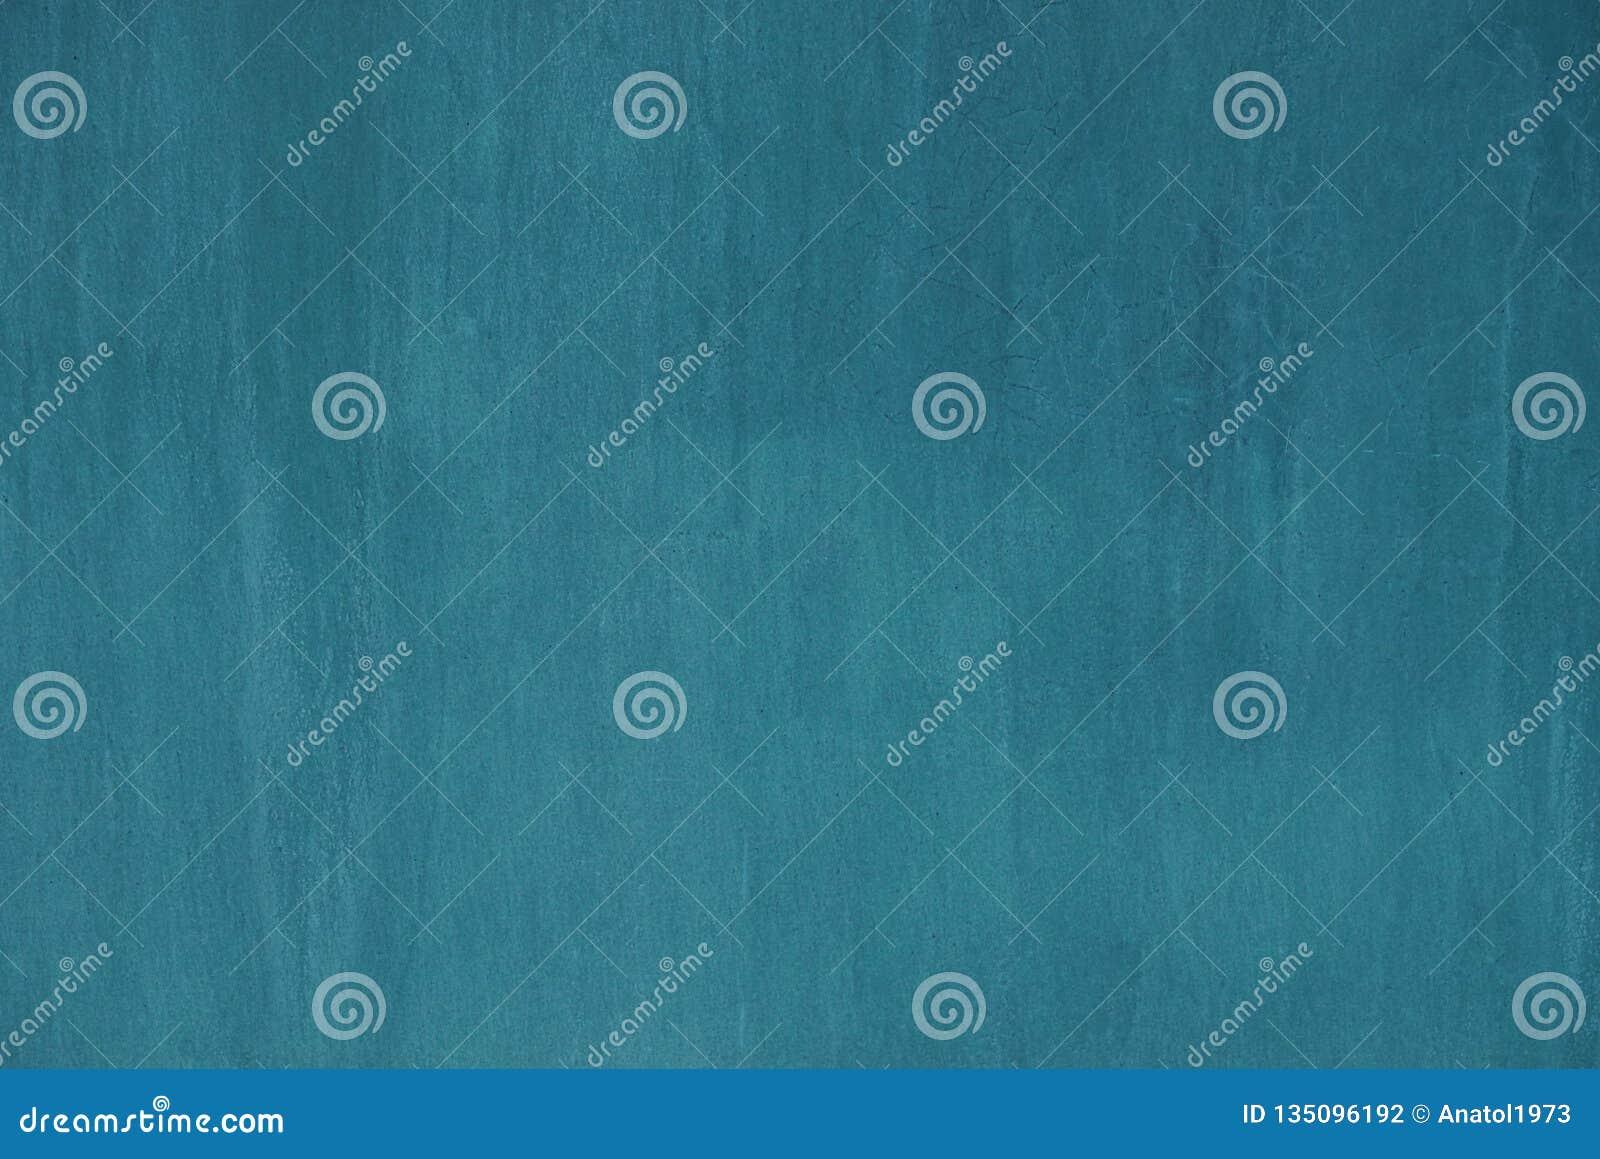 Blå metallbakgrund från ett fragment av en gammal vägg i staketet